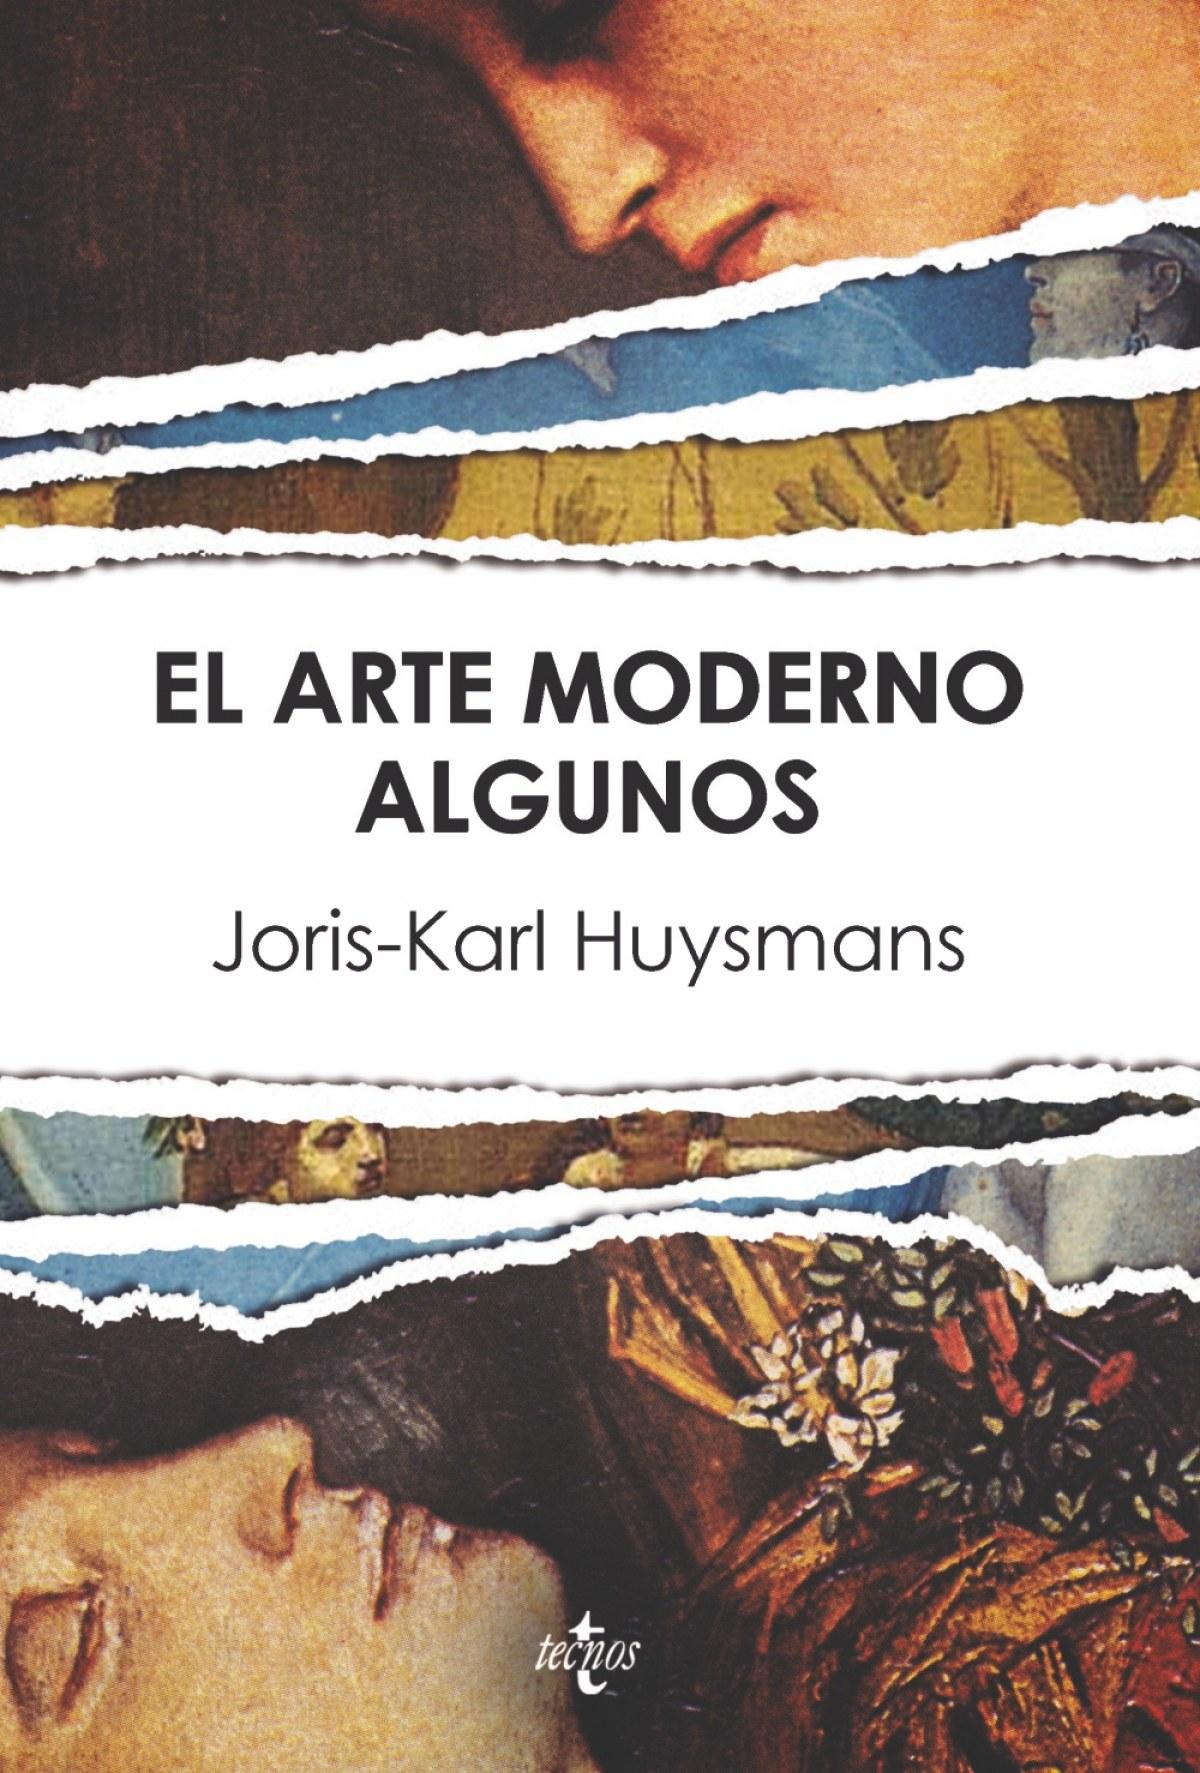 EL ARTE MODERNO